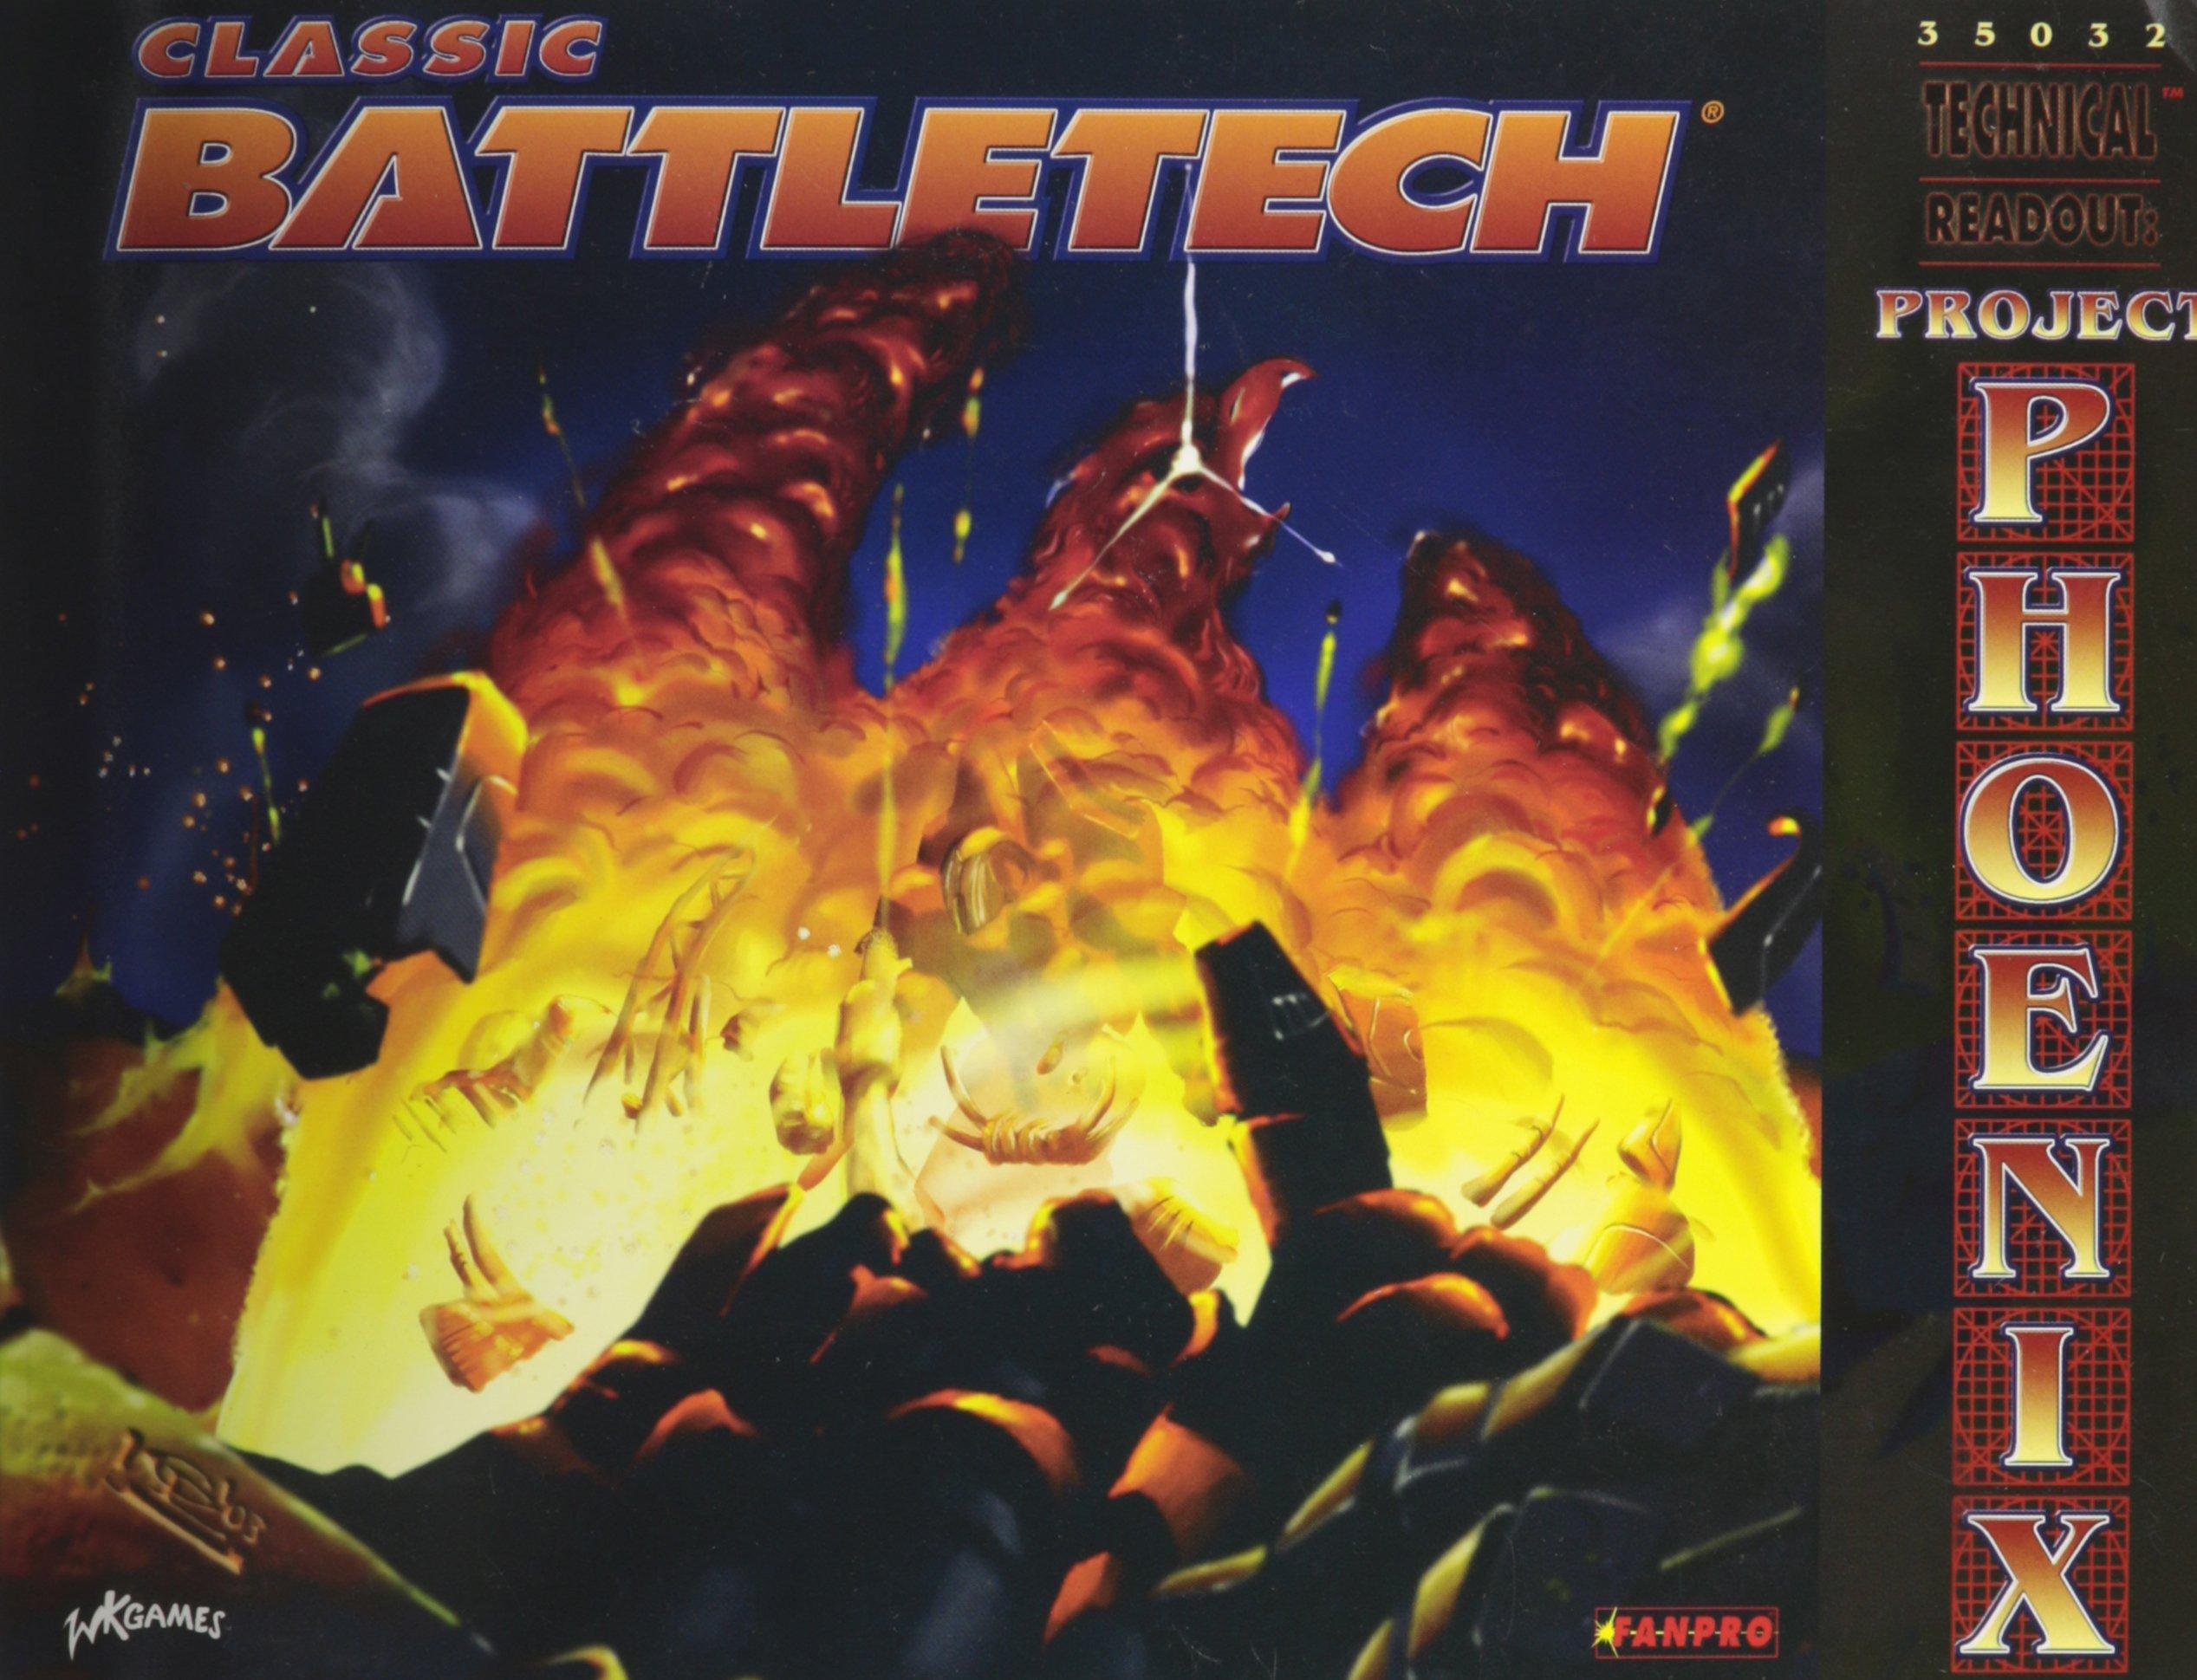 Battletech Technical Readout 3067 Ebook